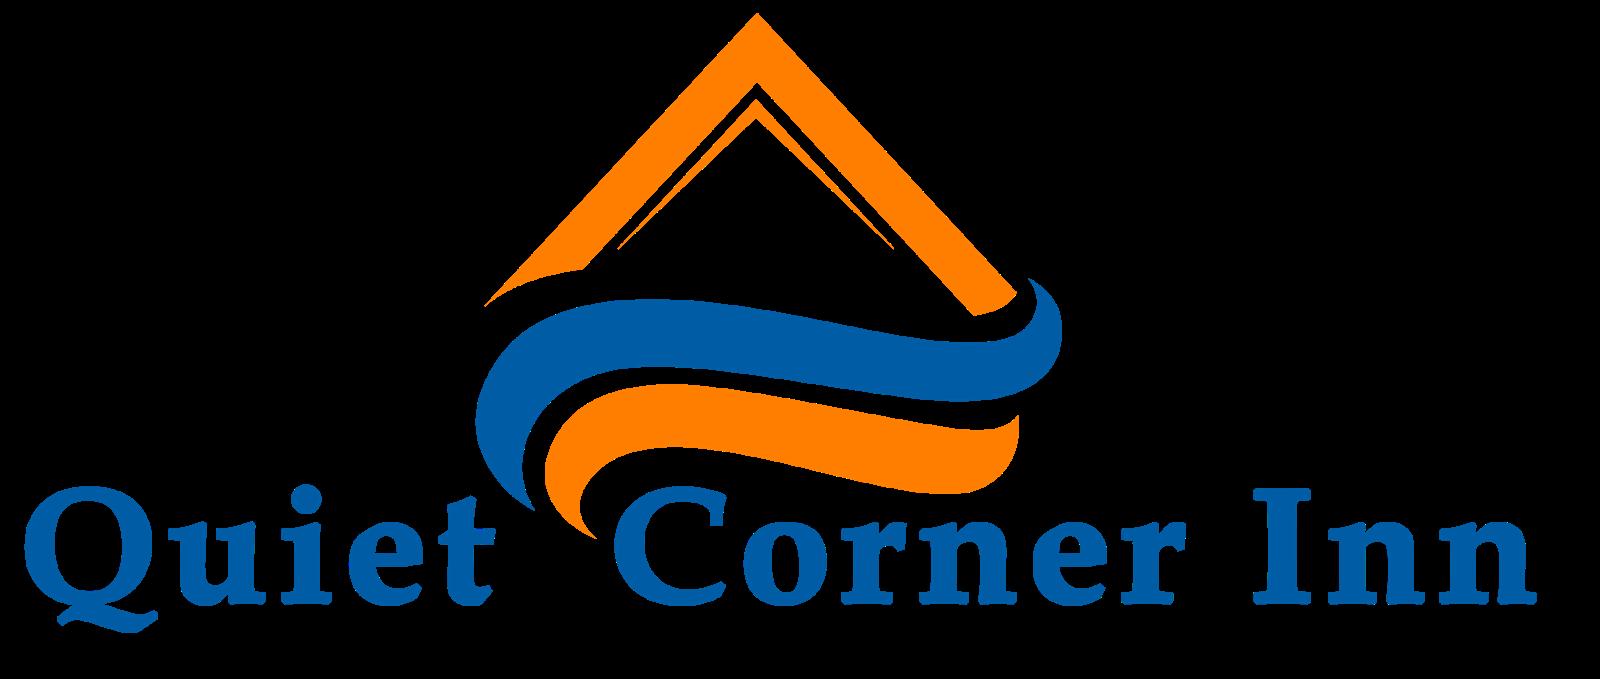 Quiet Corner Inn (formerly America's Best Value Inn)